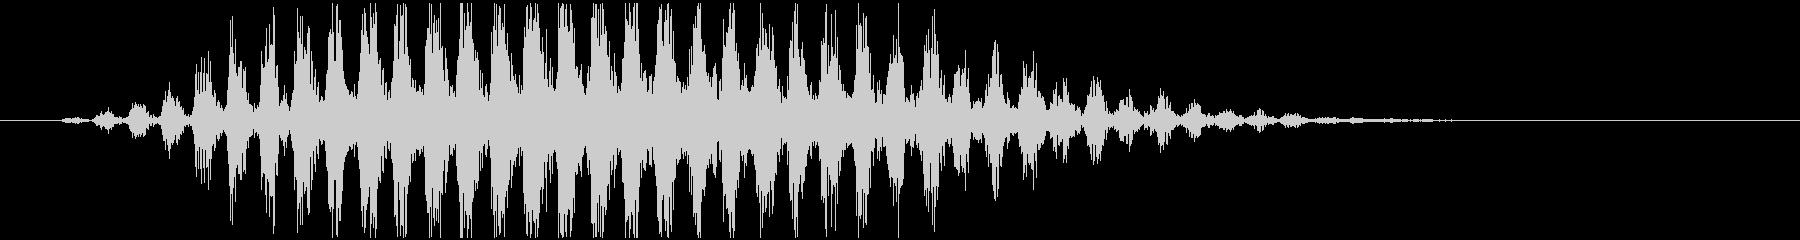 トランジション ヒューシュフラッター29の未再生の波形